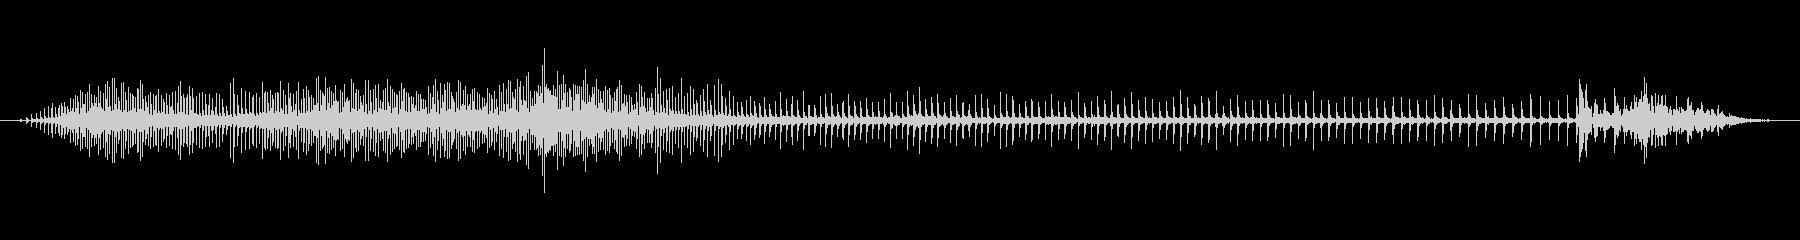 自転車 糸車03の未再生の波形